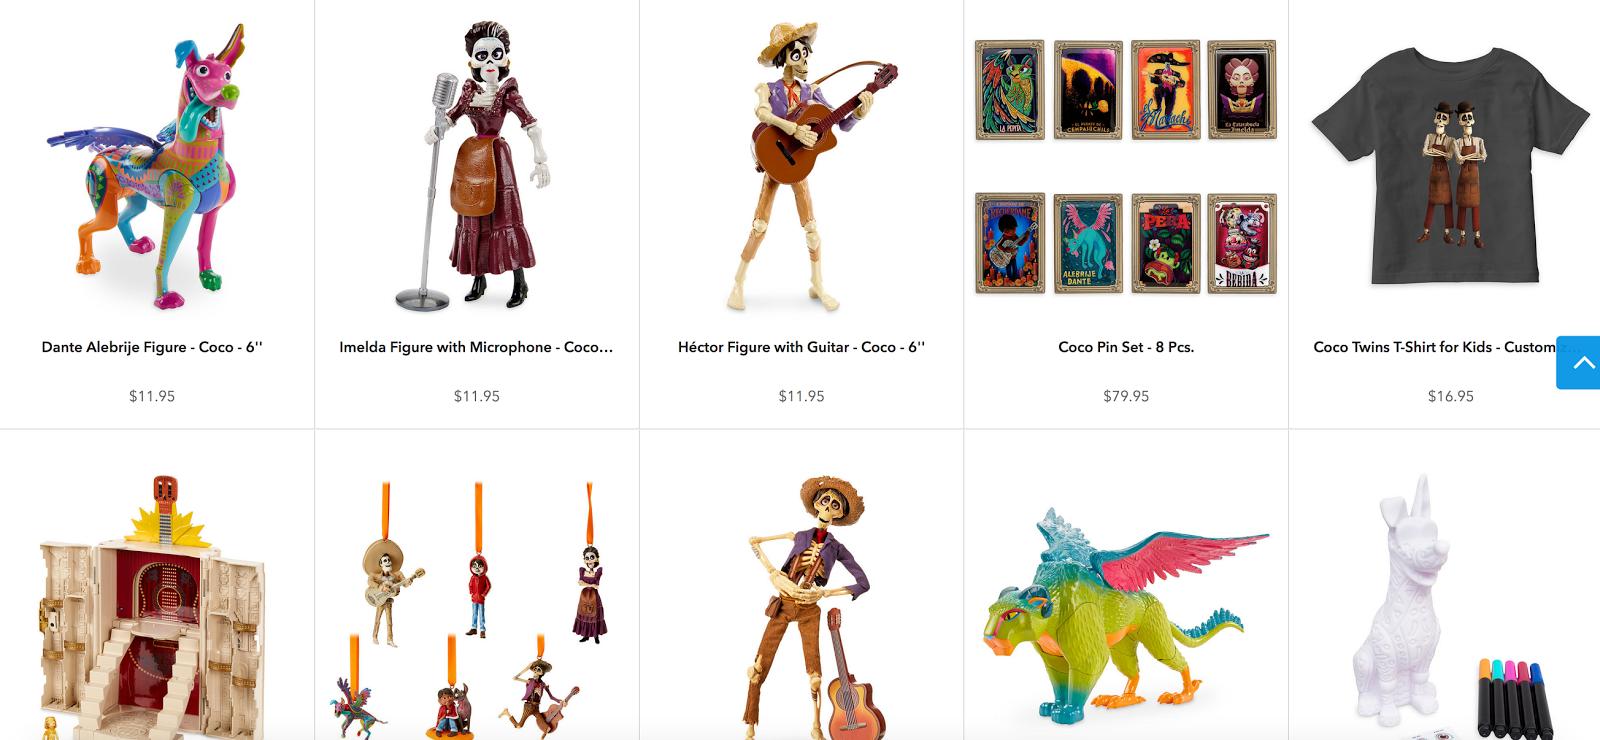 pixar coco merchandise disney store